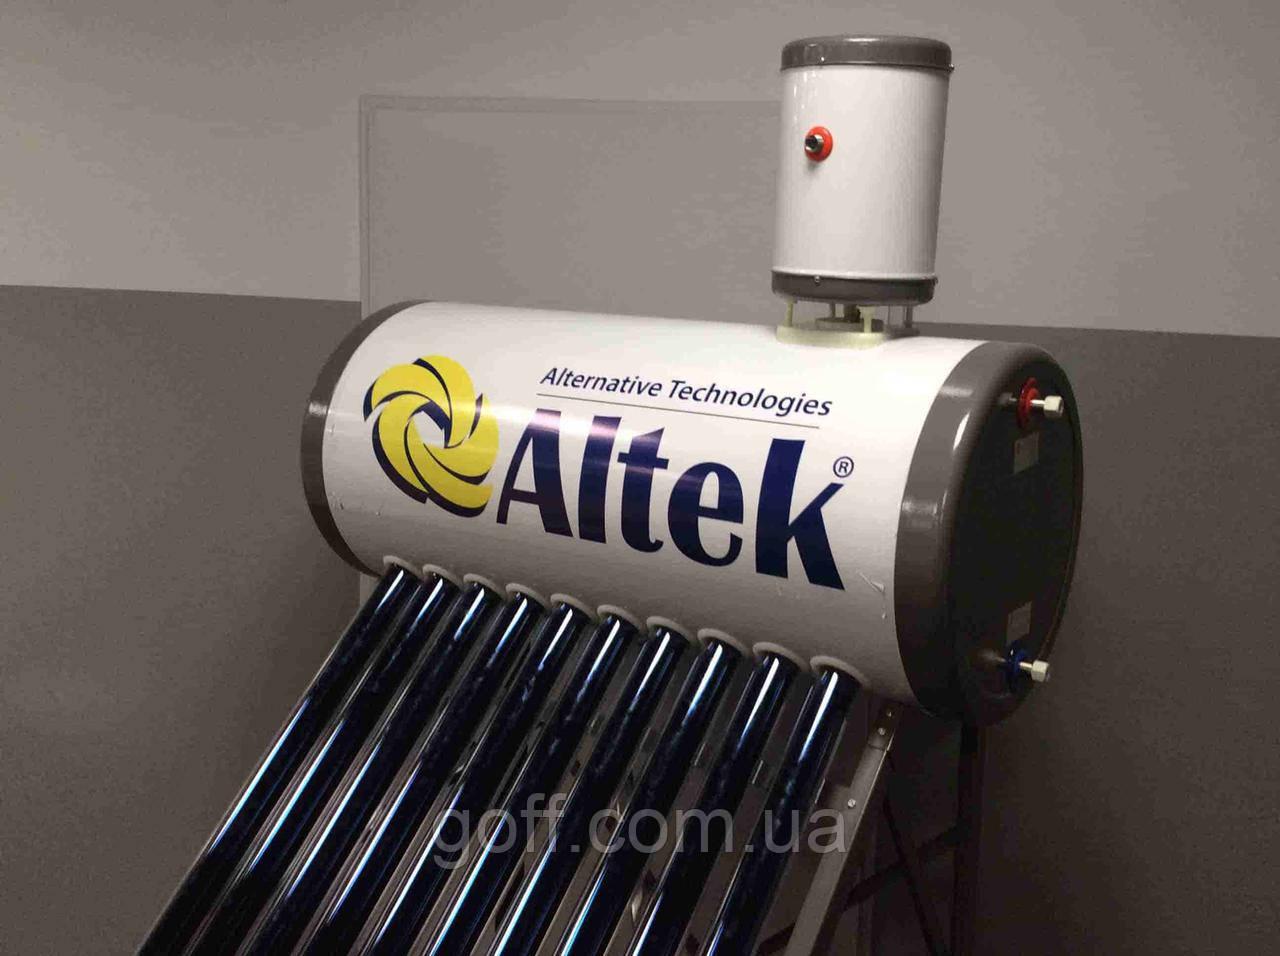 Сезонный солнечный коллектор Altek SD-T2-15, фото 1